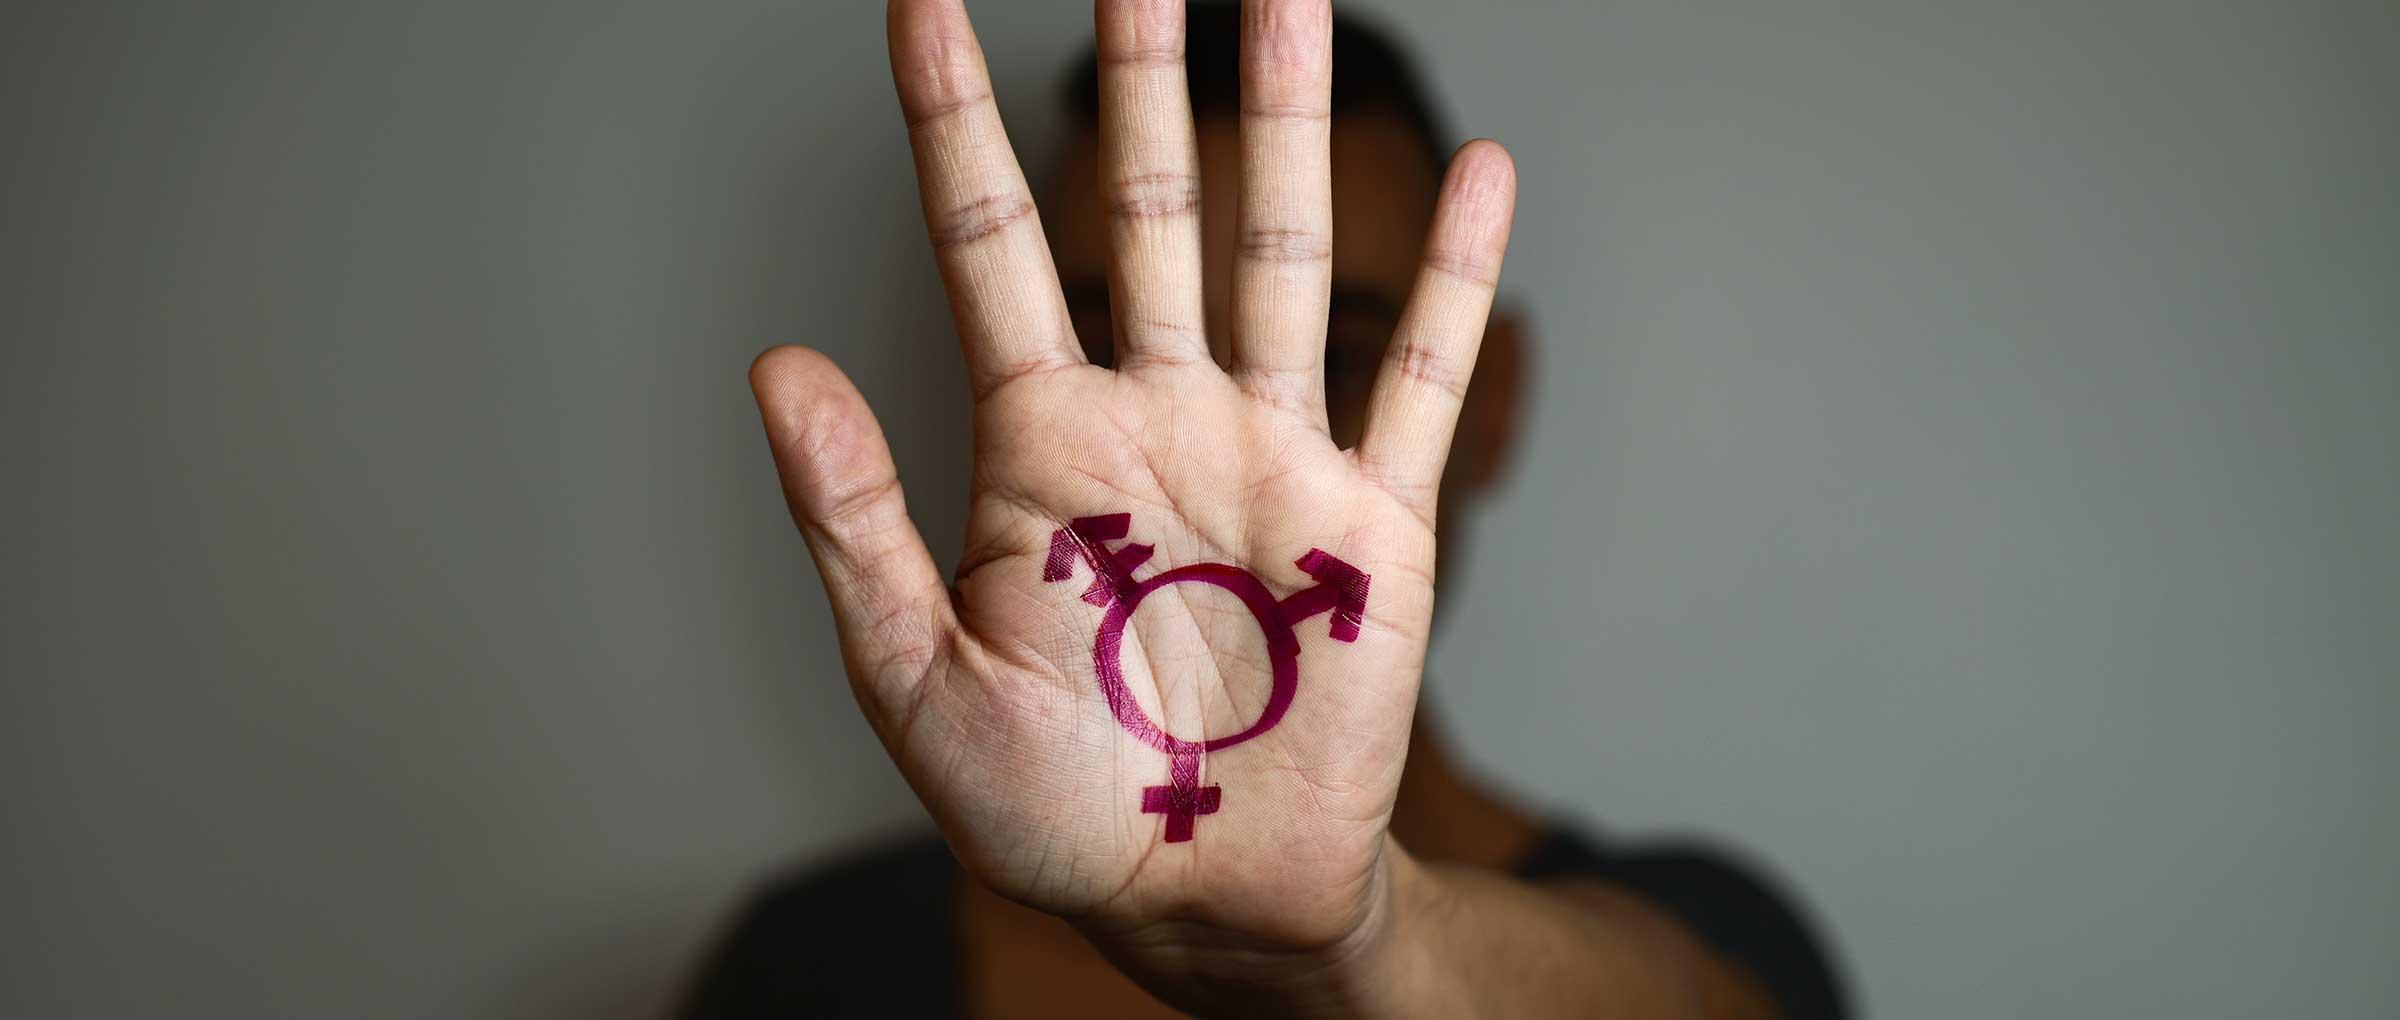 Cambio de sexo de mujer a hombre